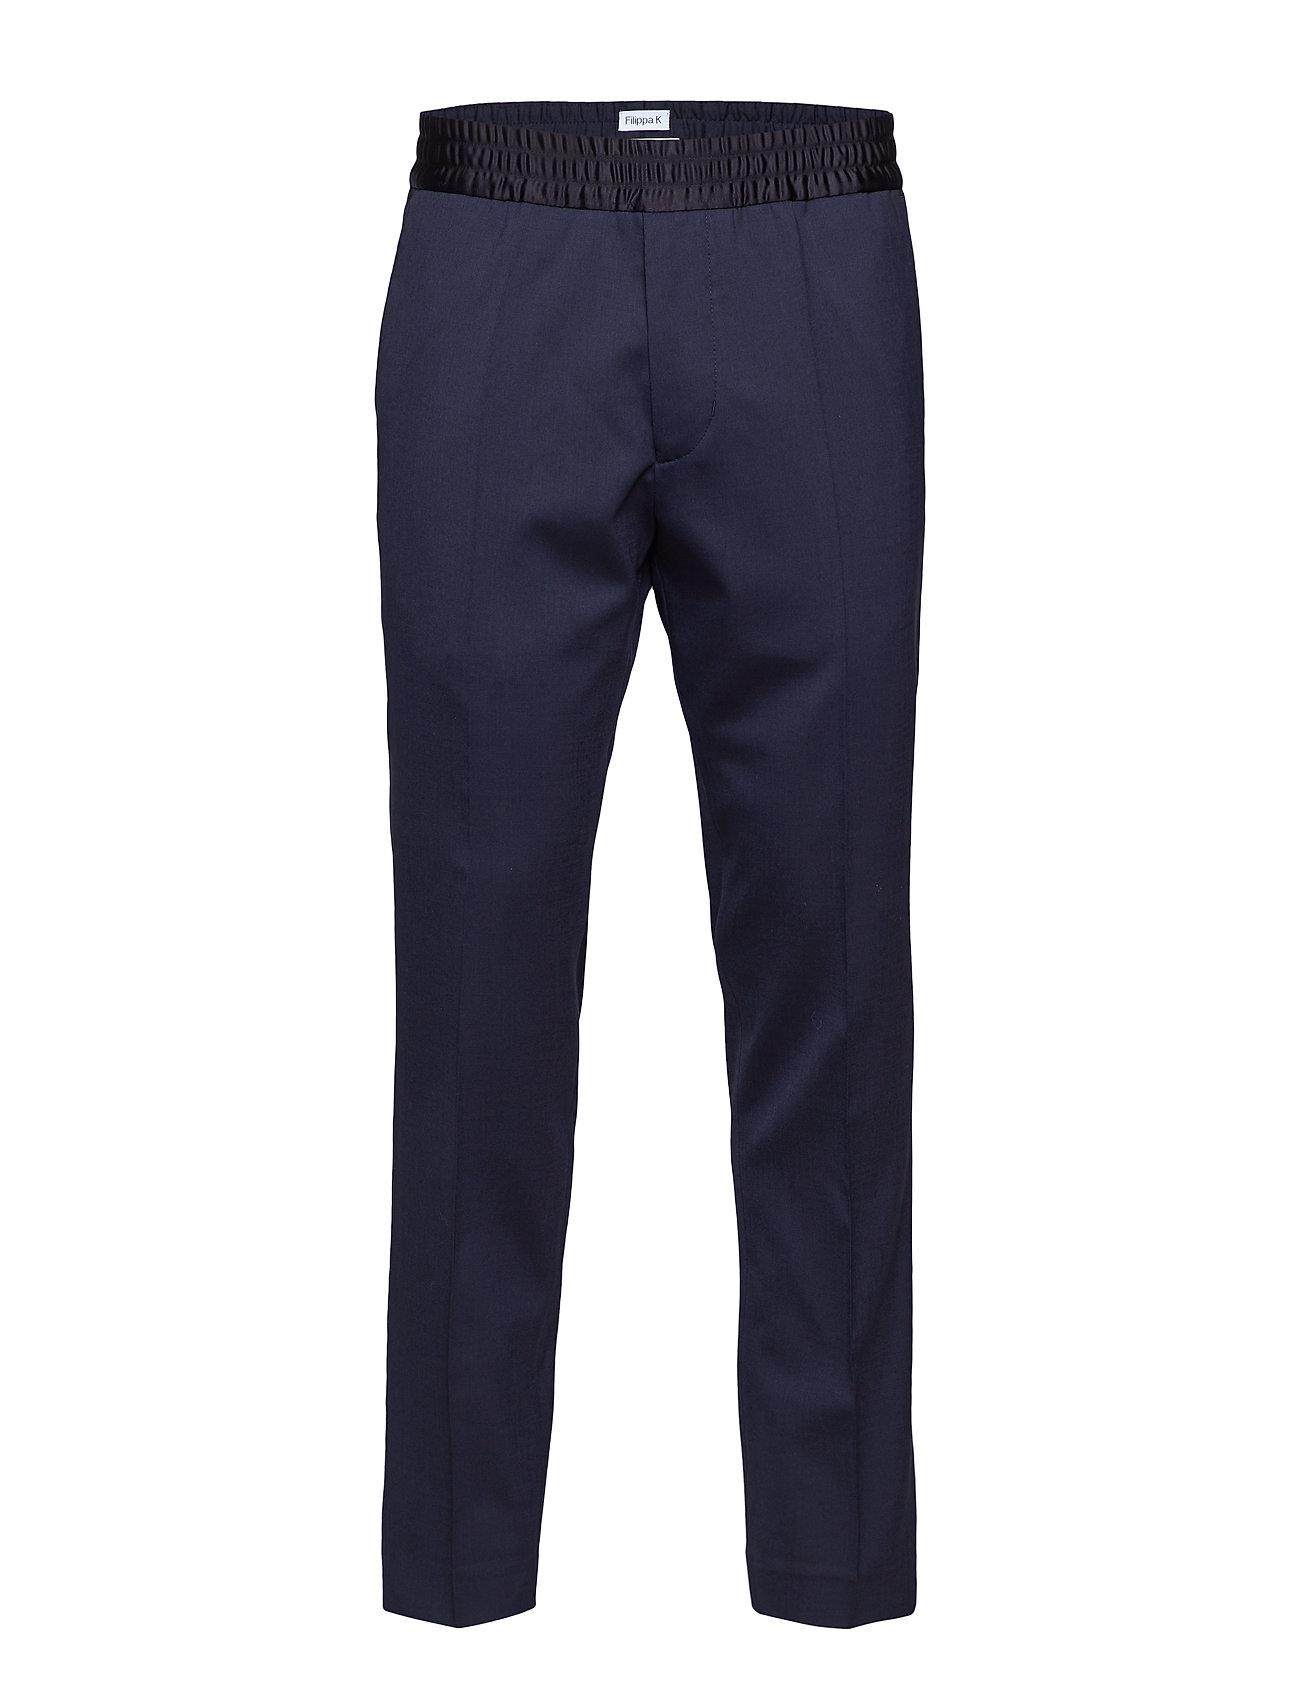 Filippa K M. Terry Tuxedo Trousers - DK. NAVY